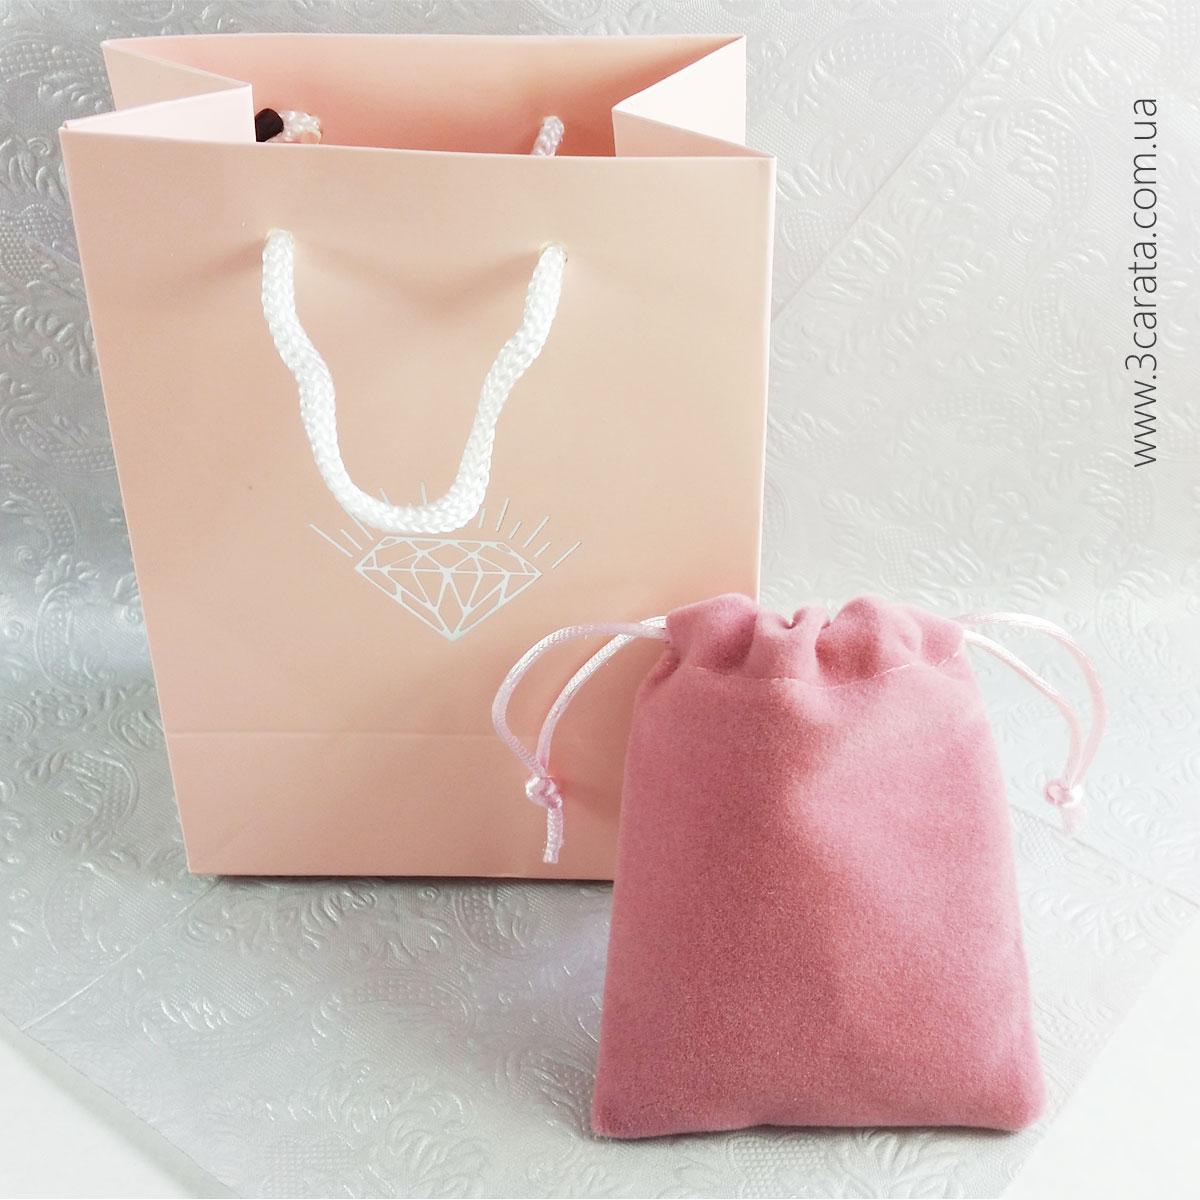 Ексклюзивне пакування для ювелірних виробів «Pink»